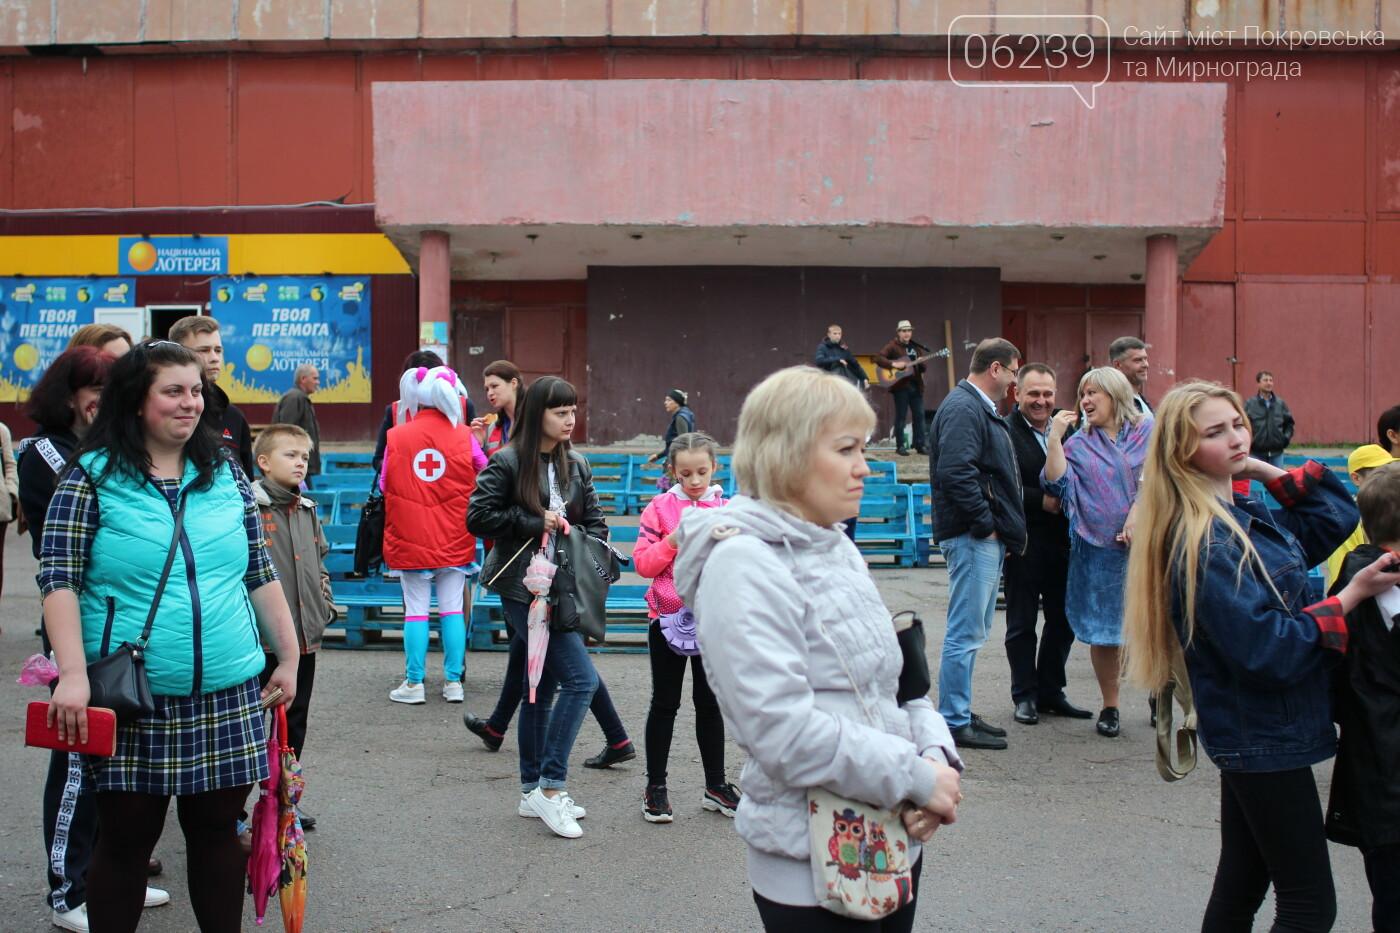 В Мирнограде ярко и красочно отметили Международный День семьи и День матери , фото-3